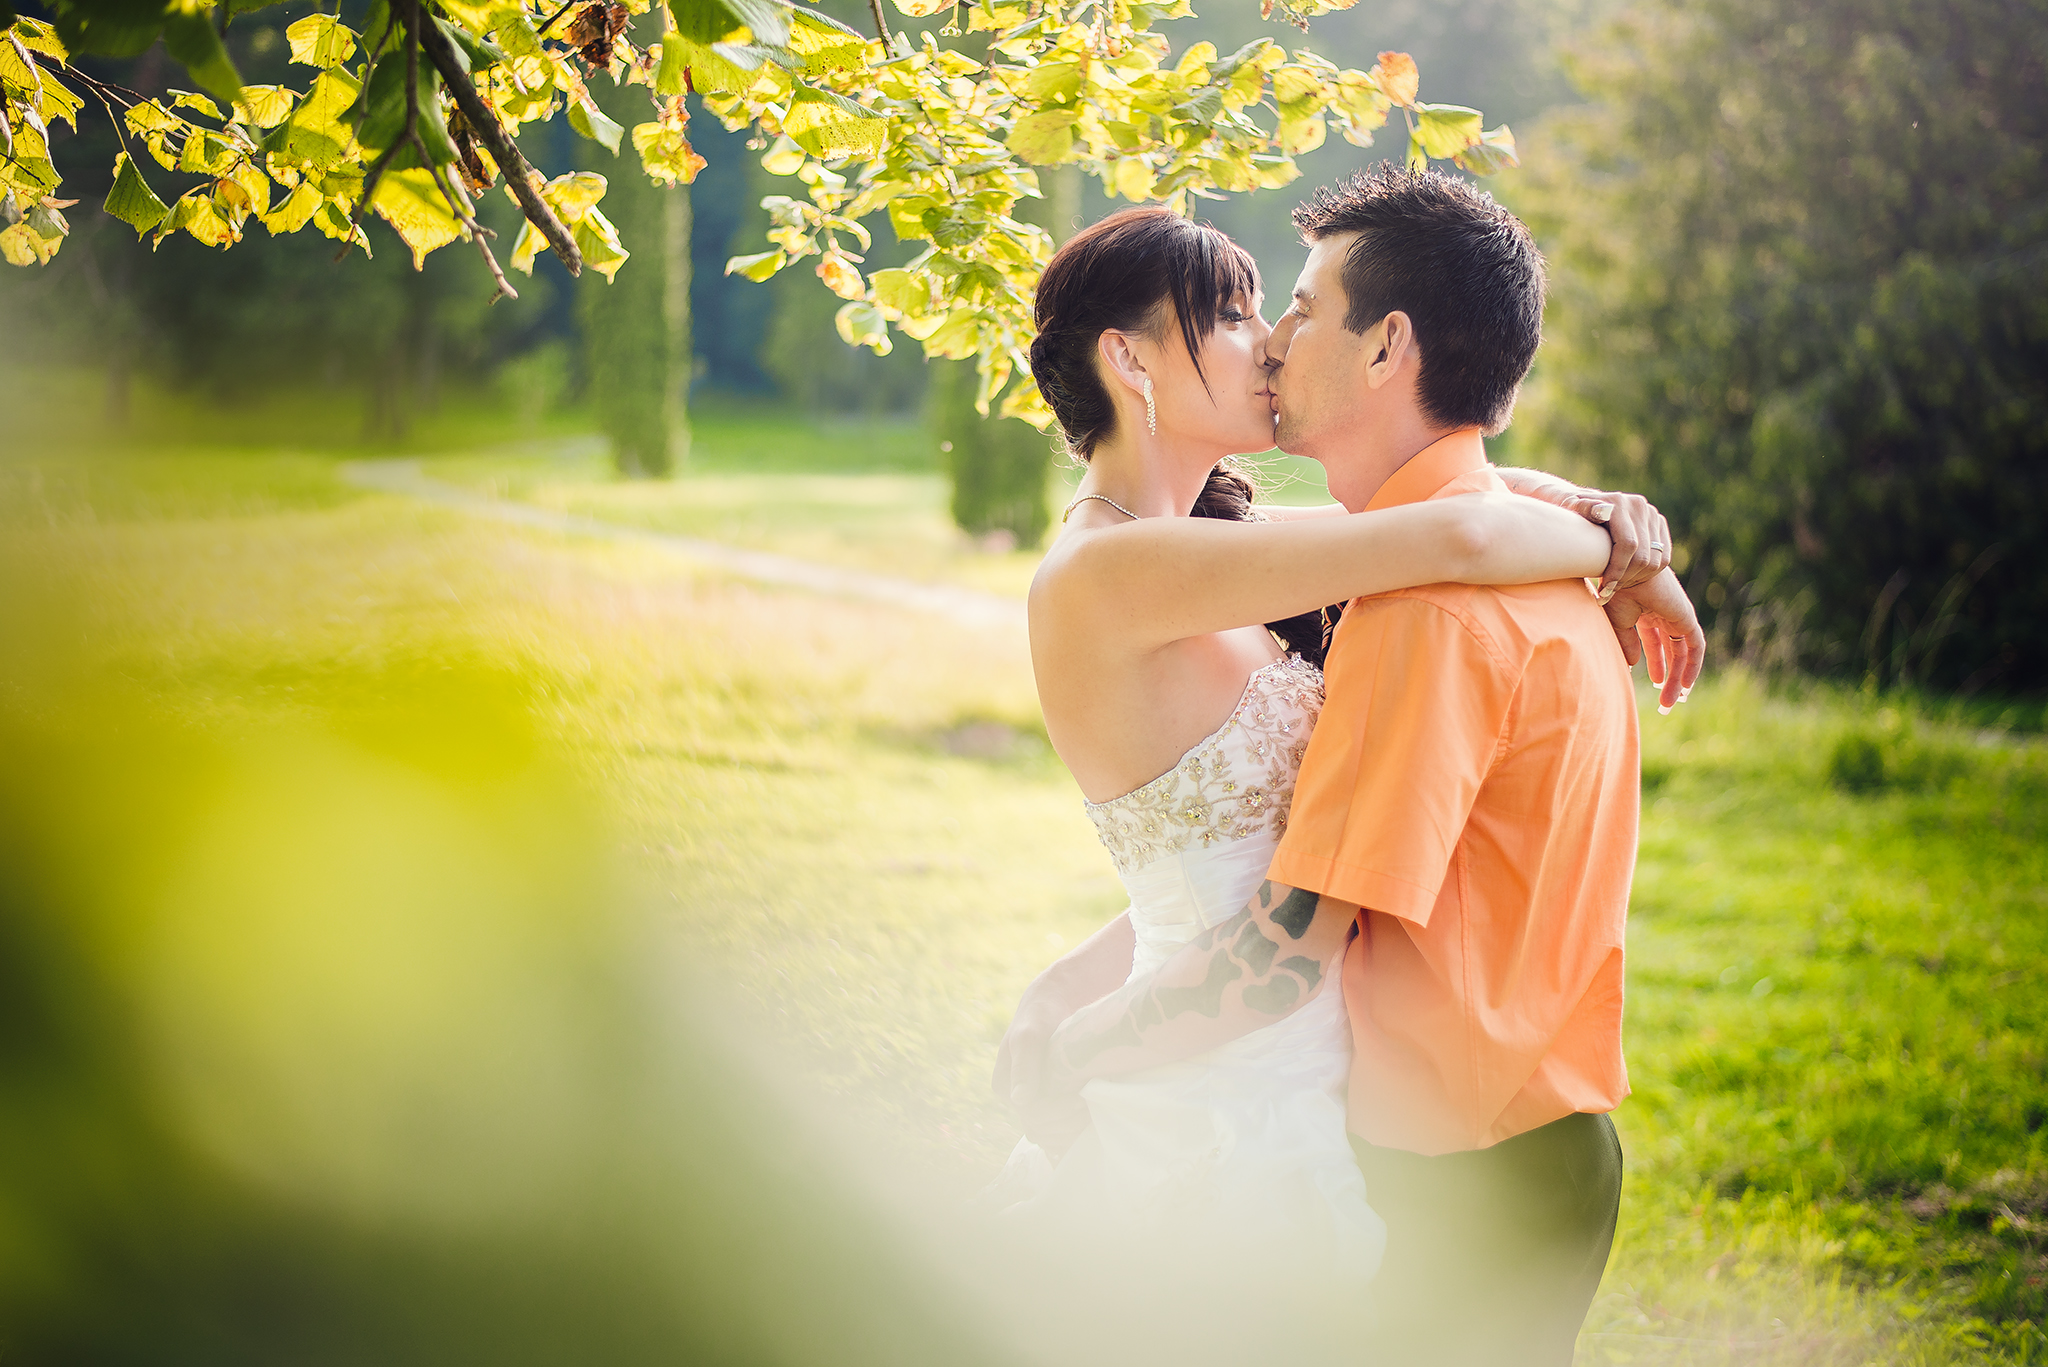 nevesta, ženích, košeľa, šaty, láska, príroda, listy, stromy, love, wedding dress, Bratislava, Trenčín, Žilina, Liptov, fotograf, kameraman, svadobné video, západ slnka, sunset, romantika, bozk, pusa, kiss